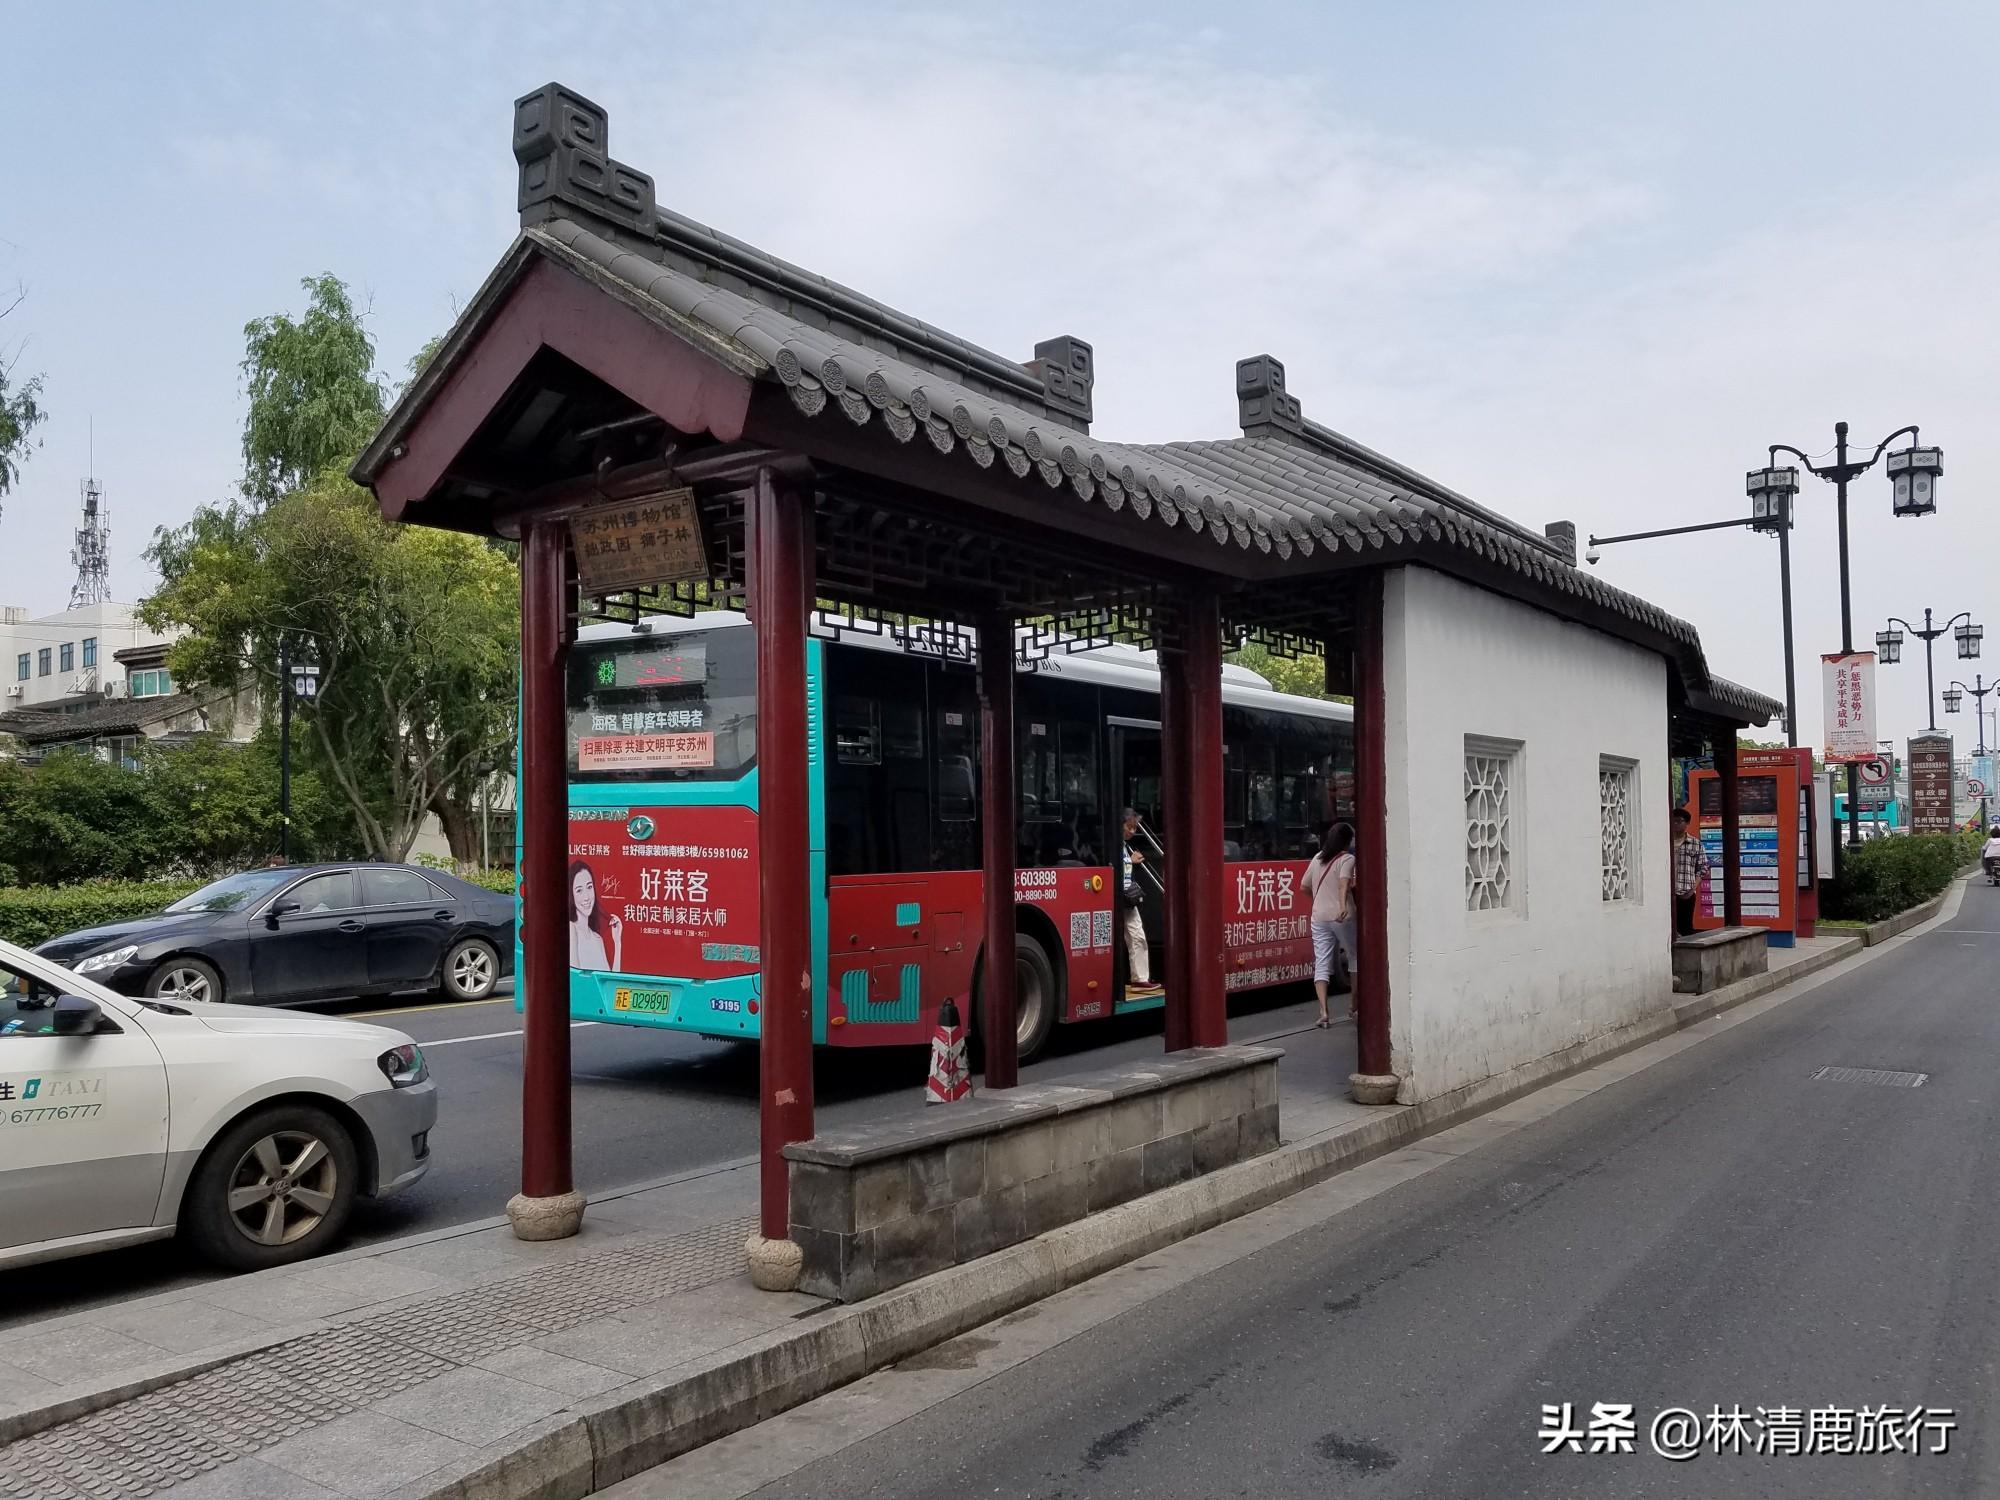 苏州的公交站太好看了,个个像江南园林,外地人羡慕不已